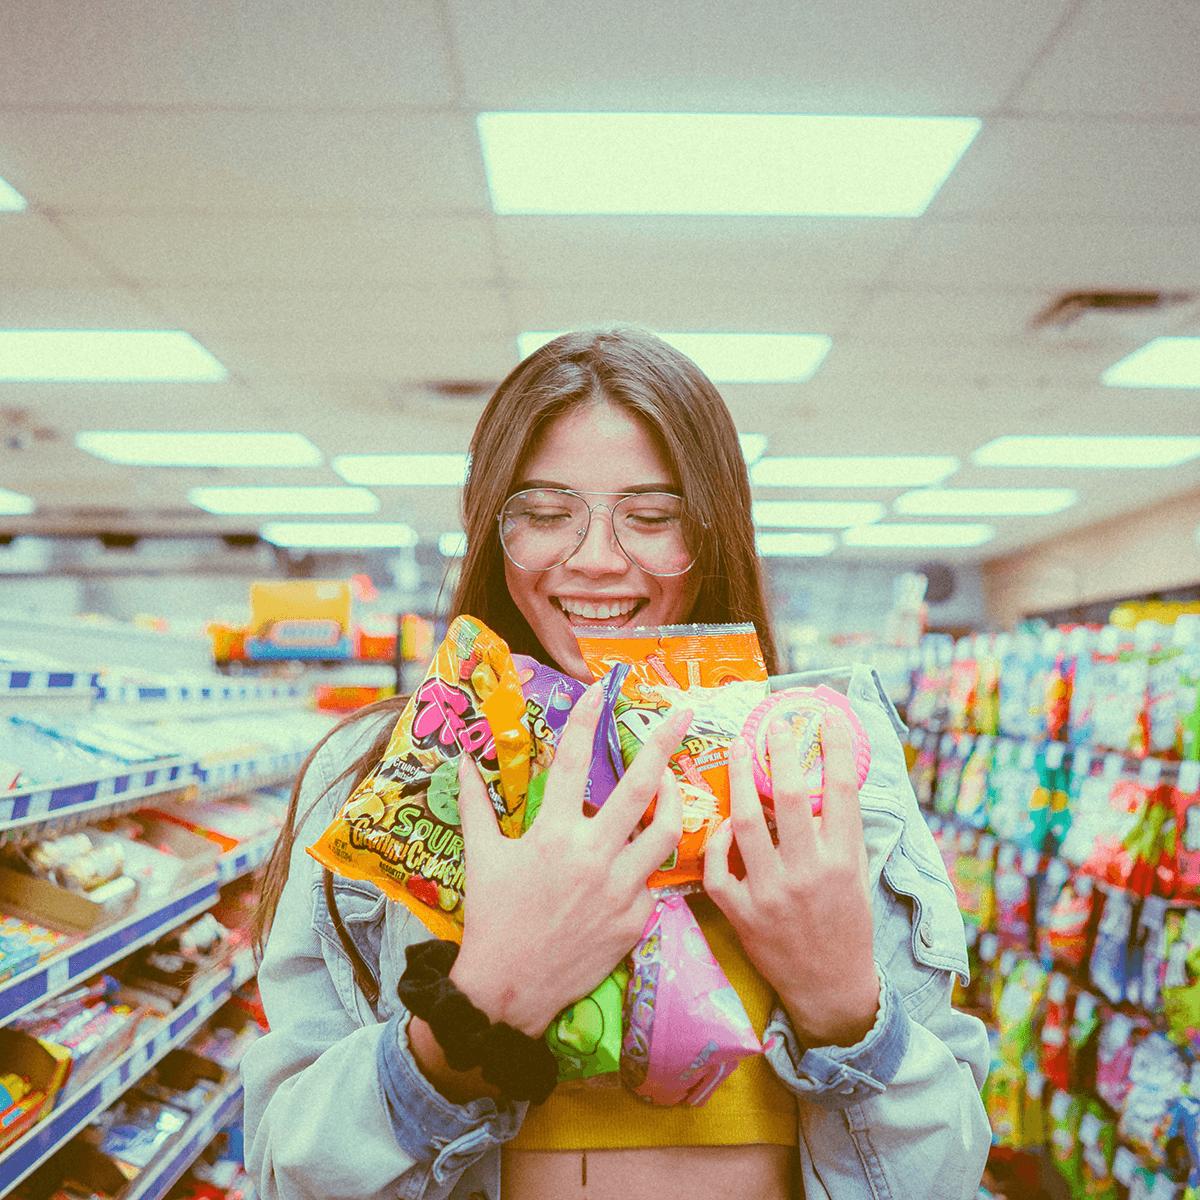 consumer-packaged-goods-hero